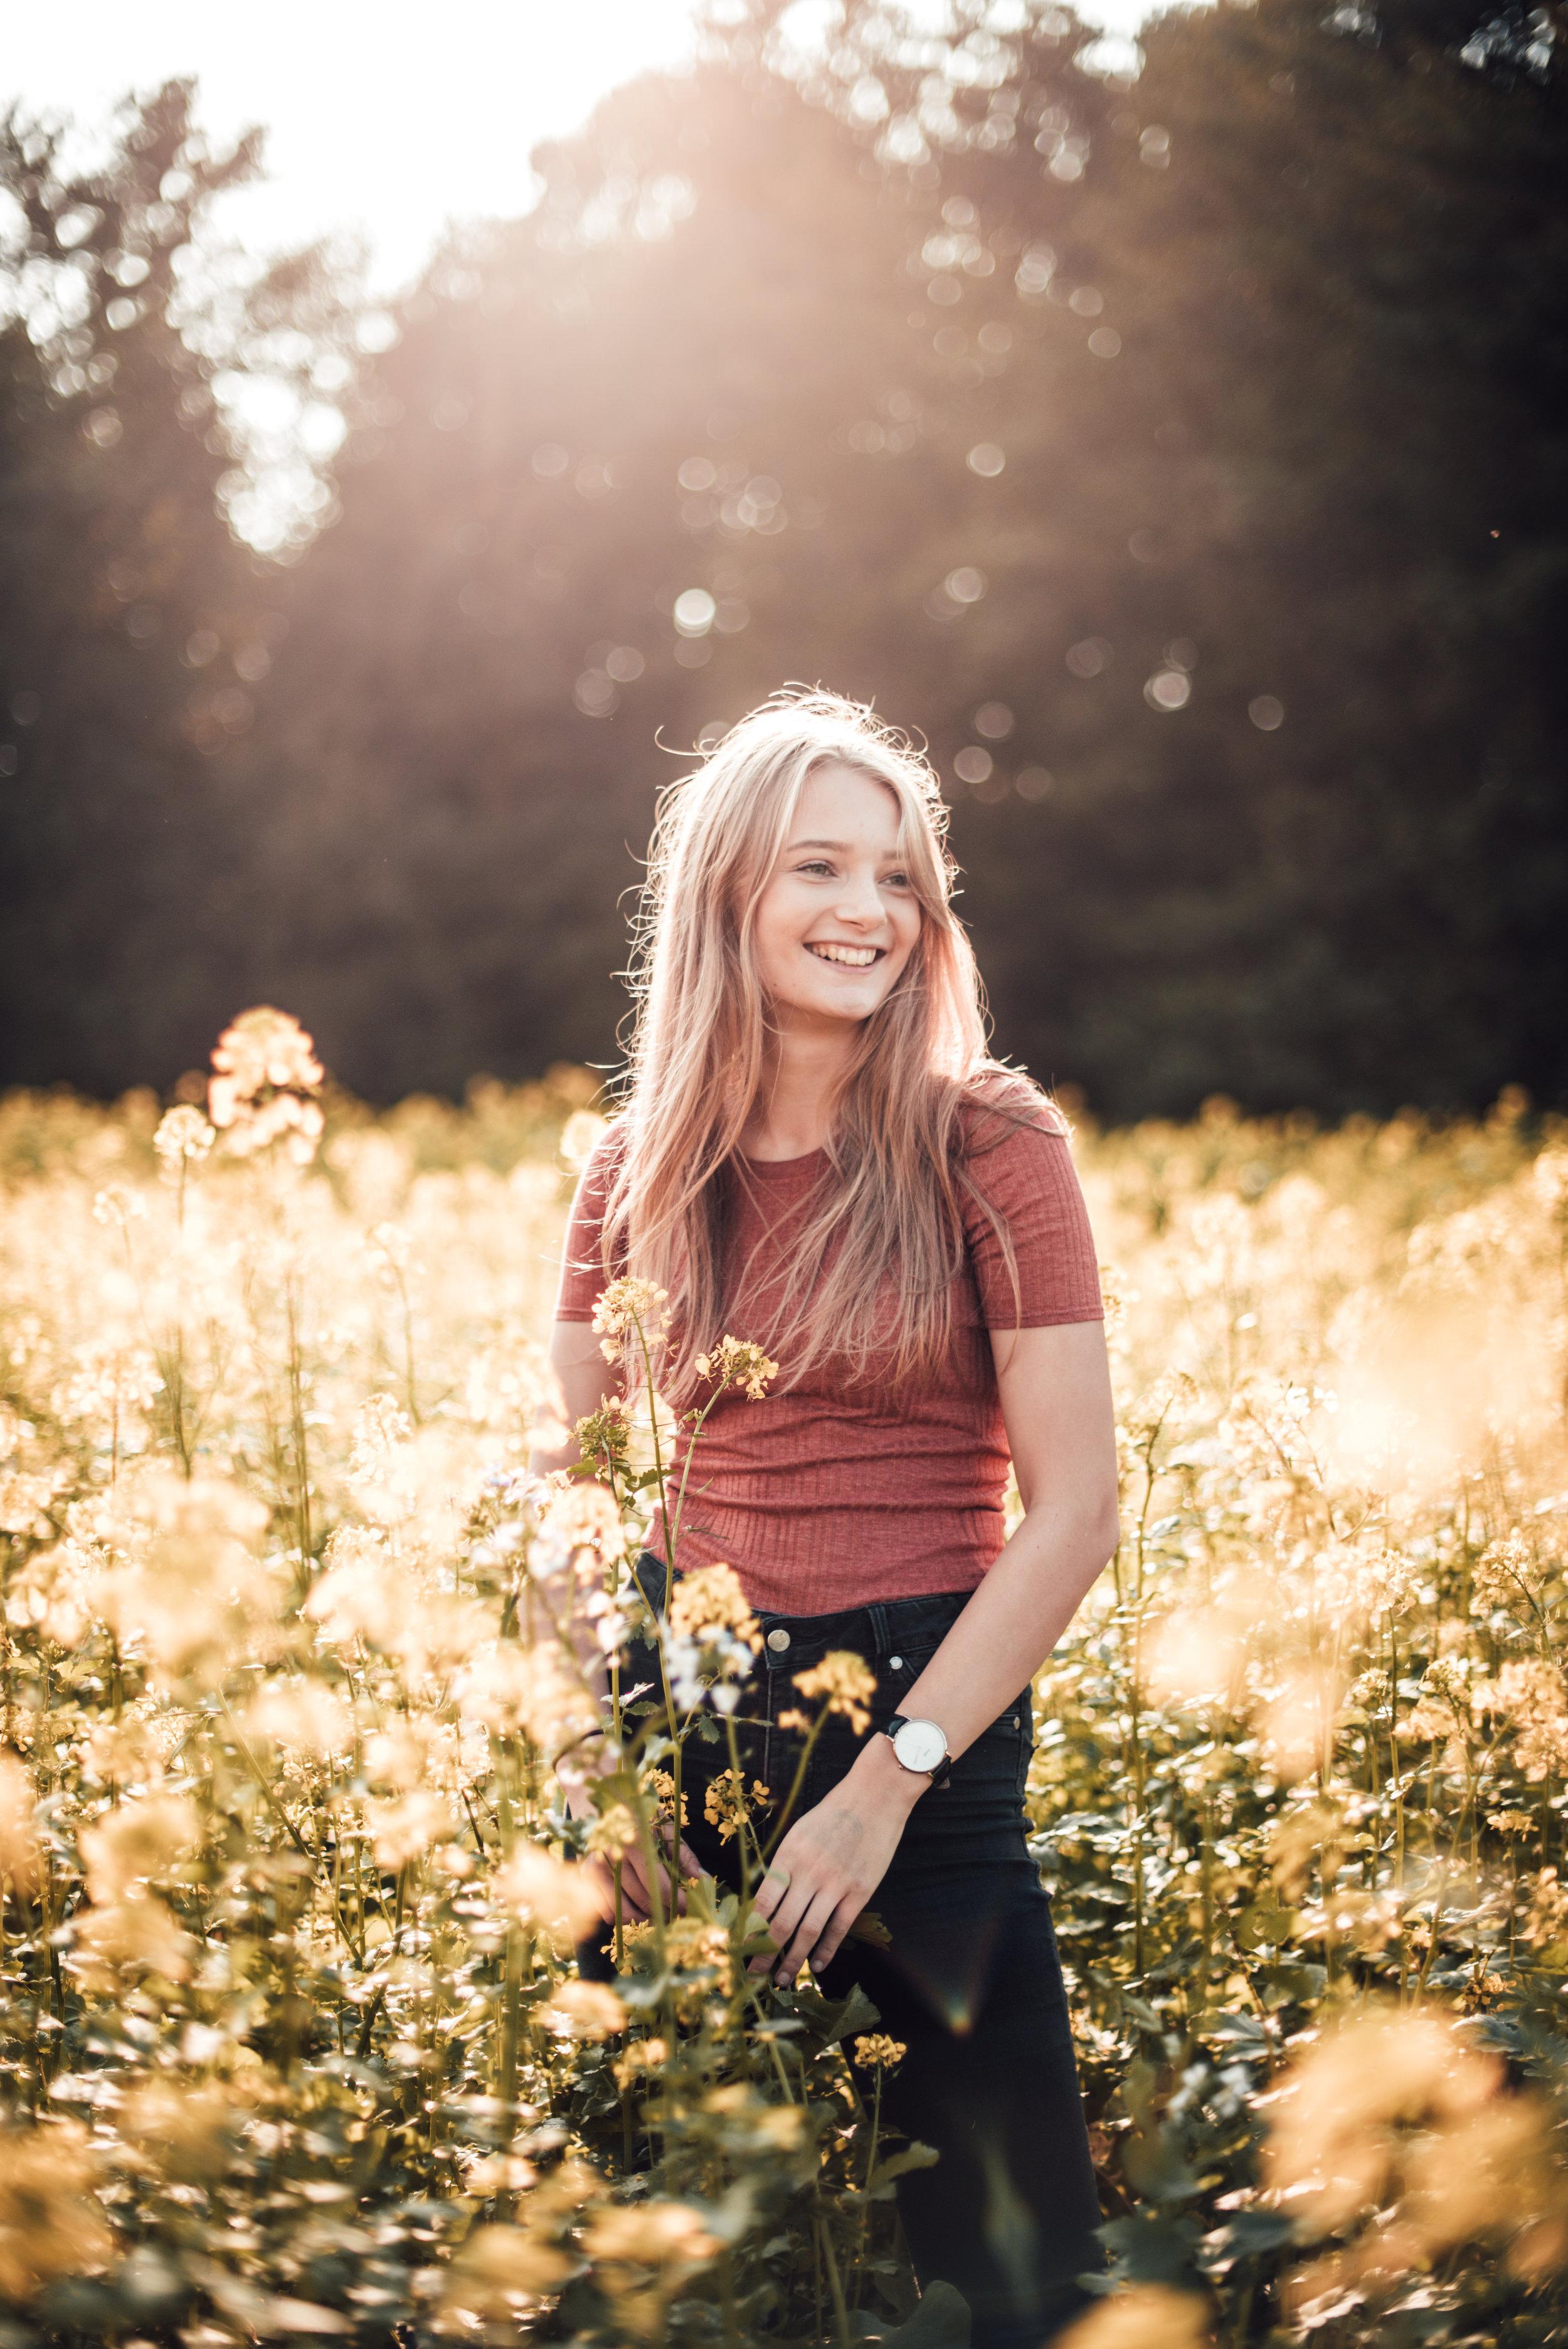 gretacaptures-goldenhour-shooting-photography